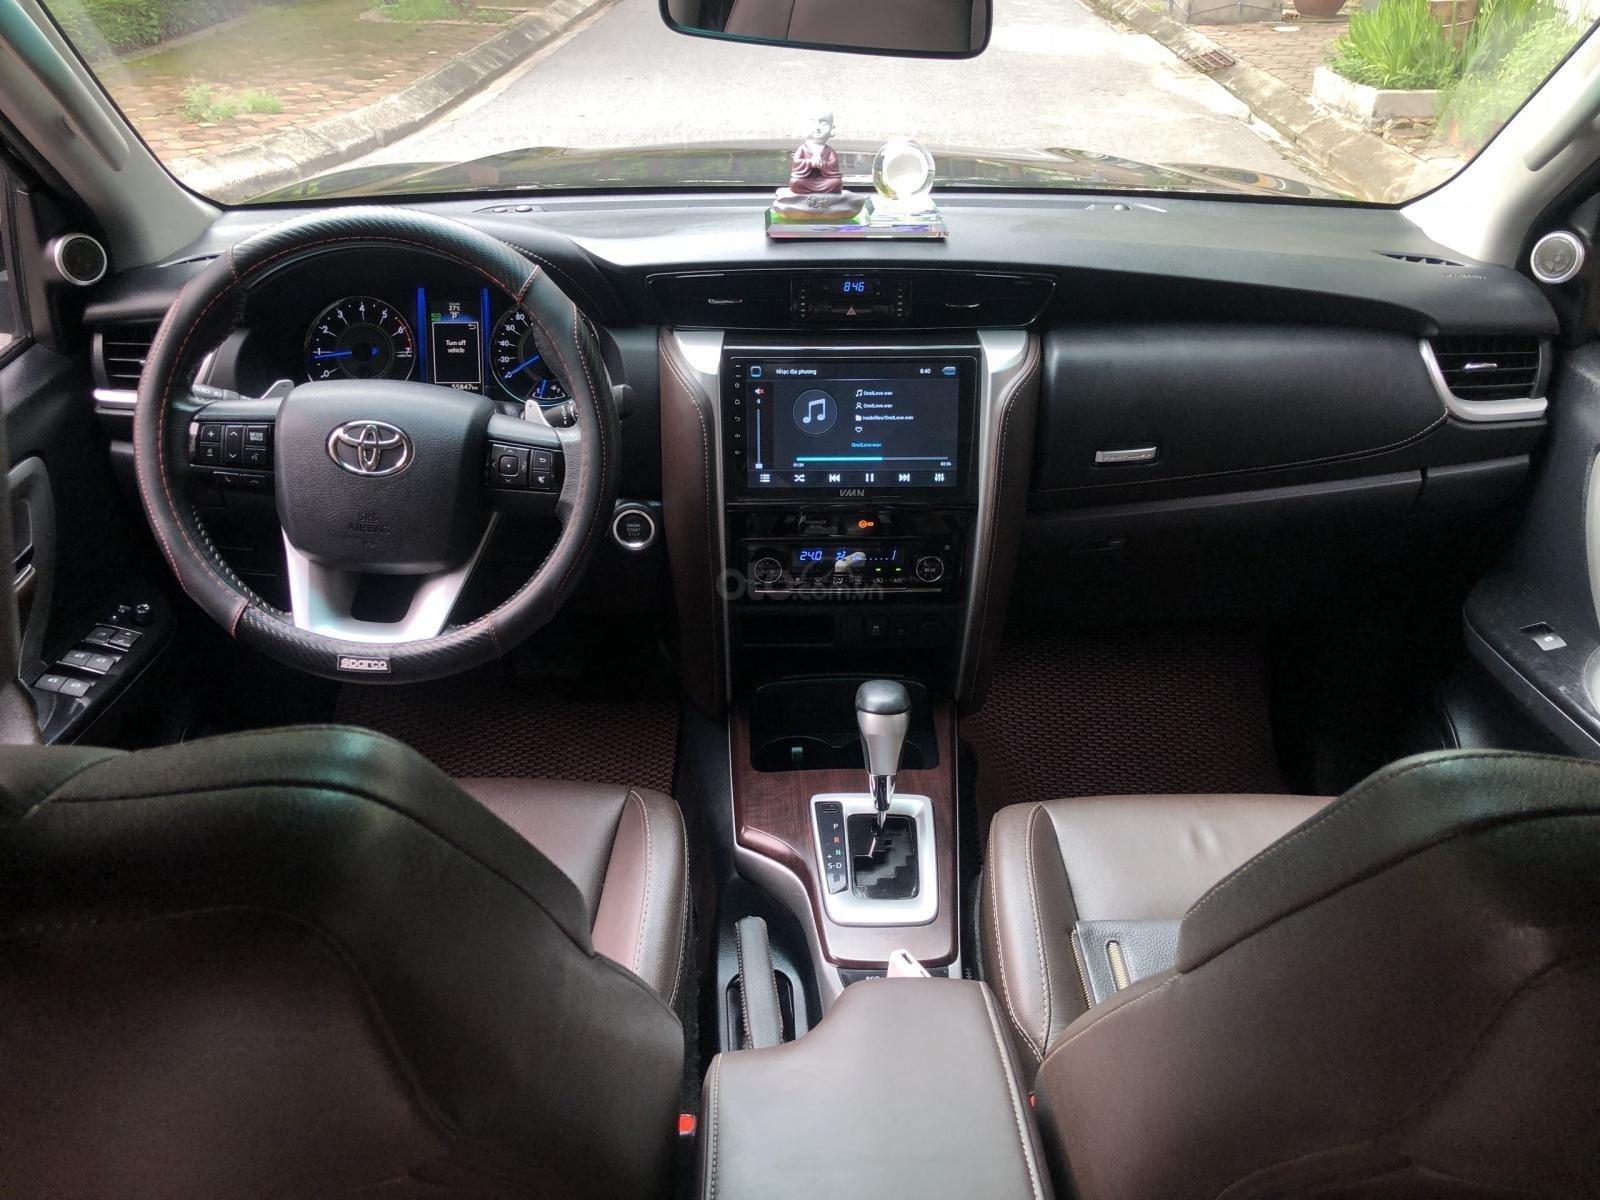 Gia Hưng Auto bán xe Toyota Fortuner 2.7V màu đen sản xuất 2017 bản 4x2 AT (8)